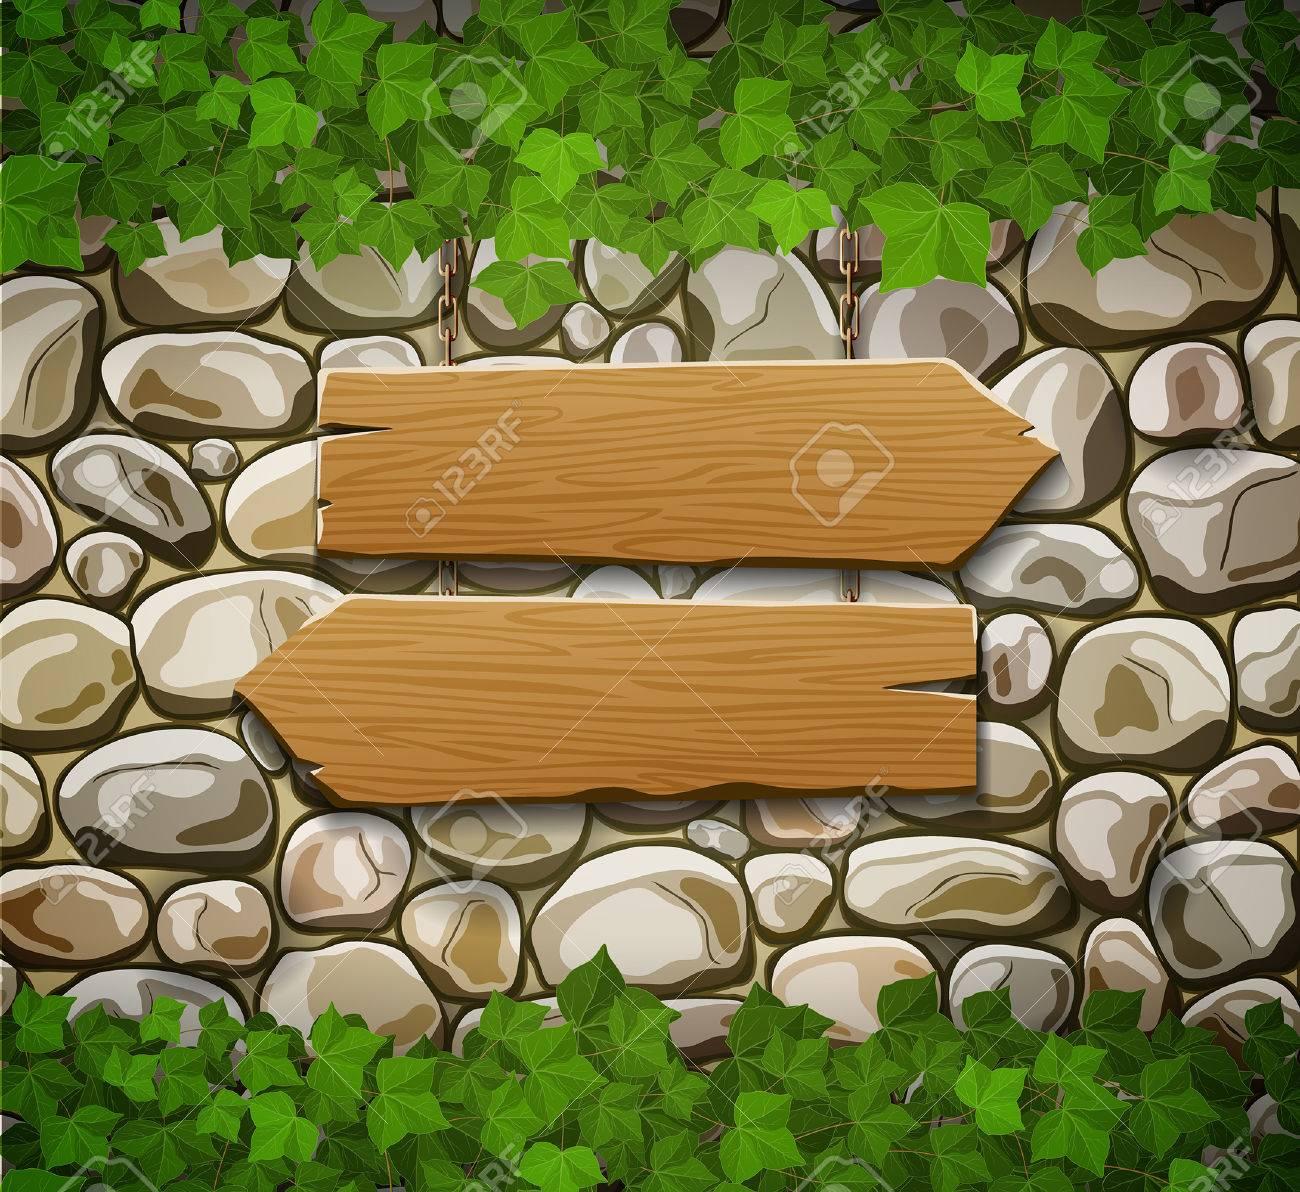 Wooden Door Images & Stock Pictures. Royalty Free Wooden Door ...